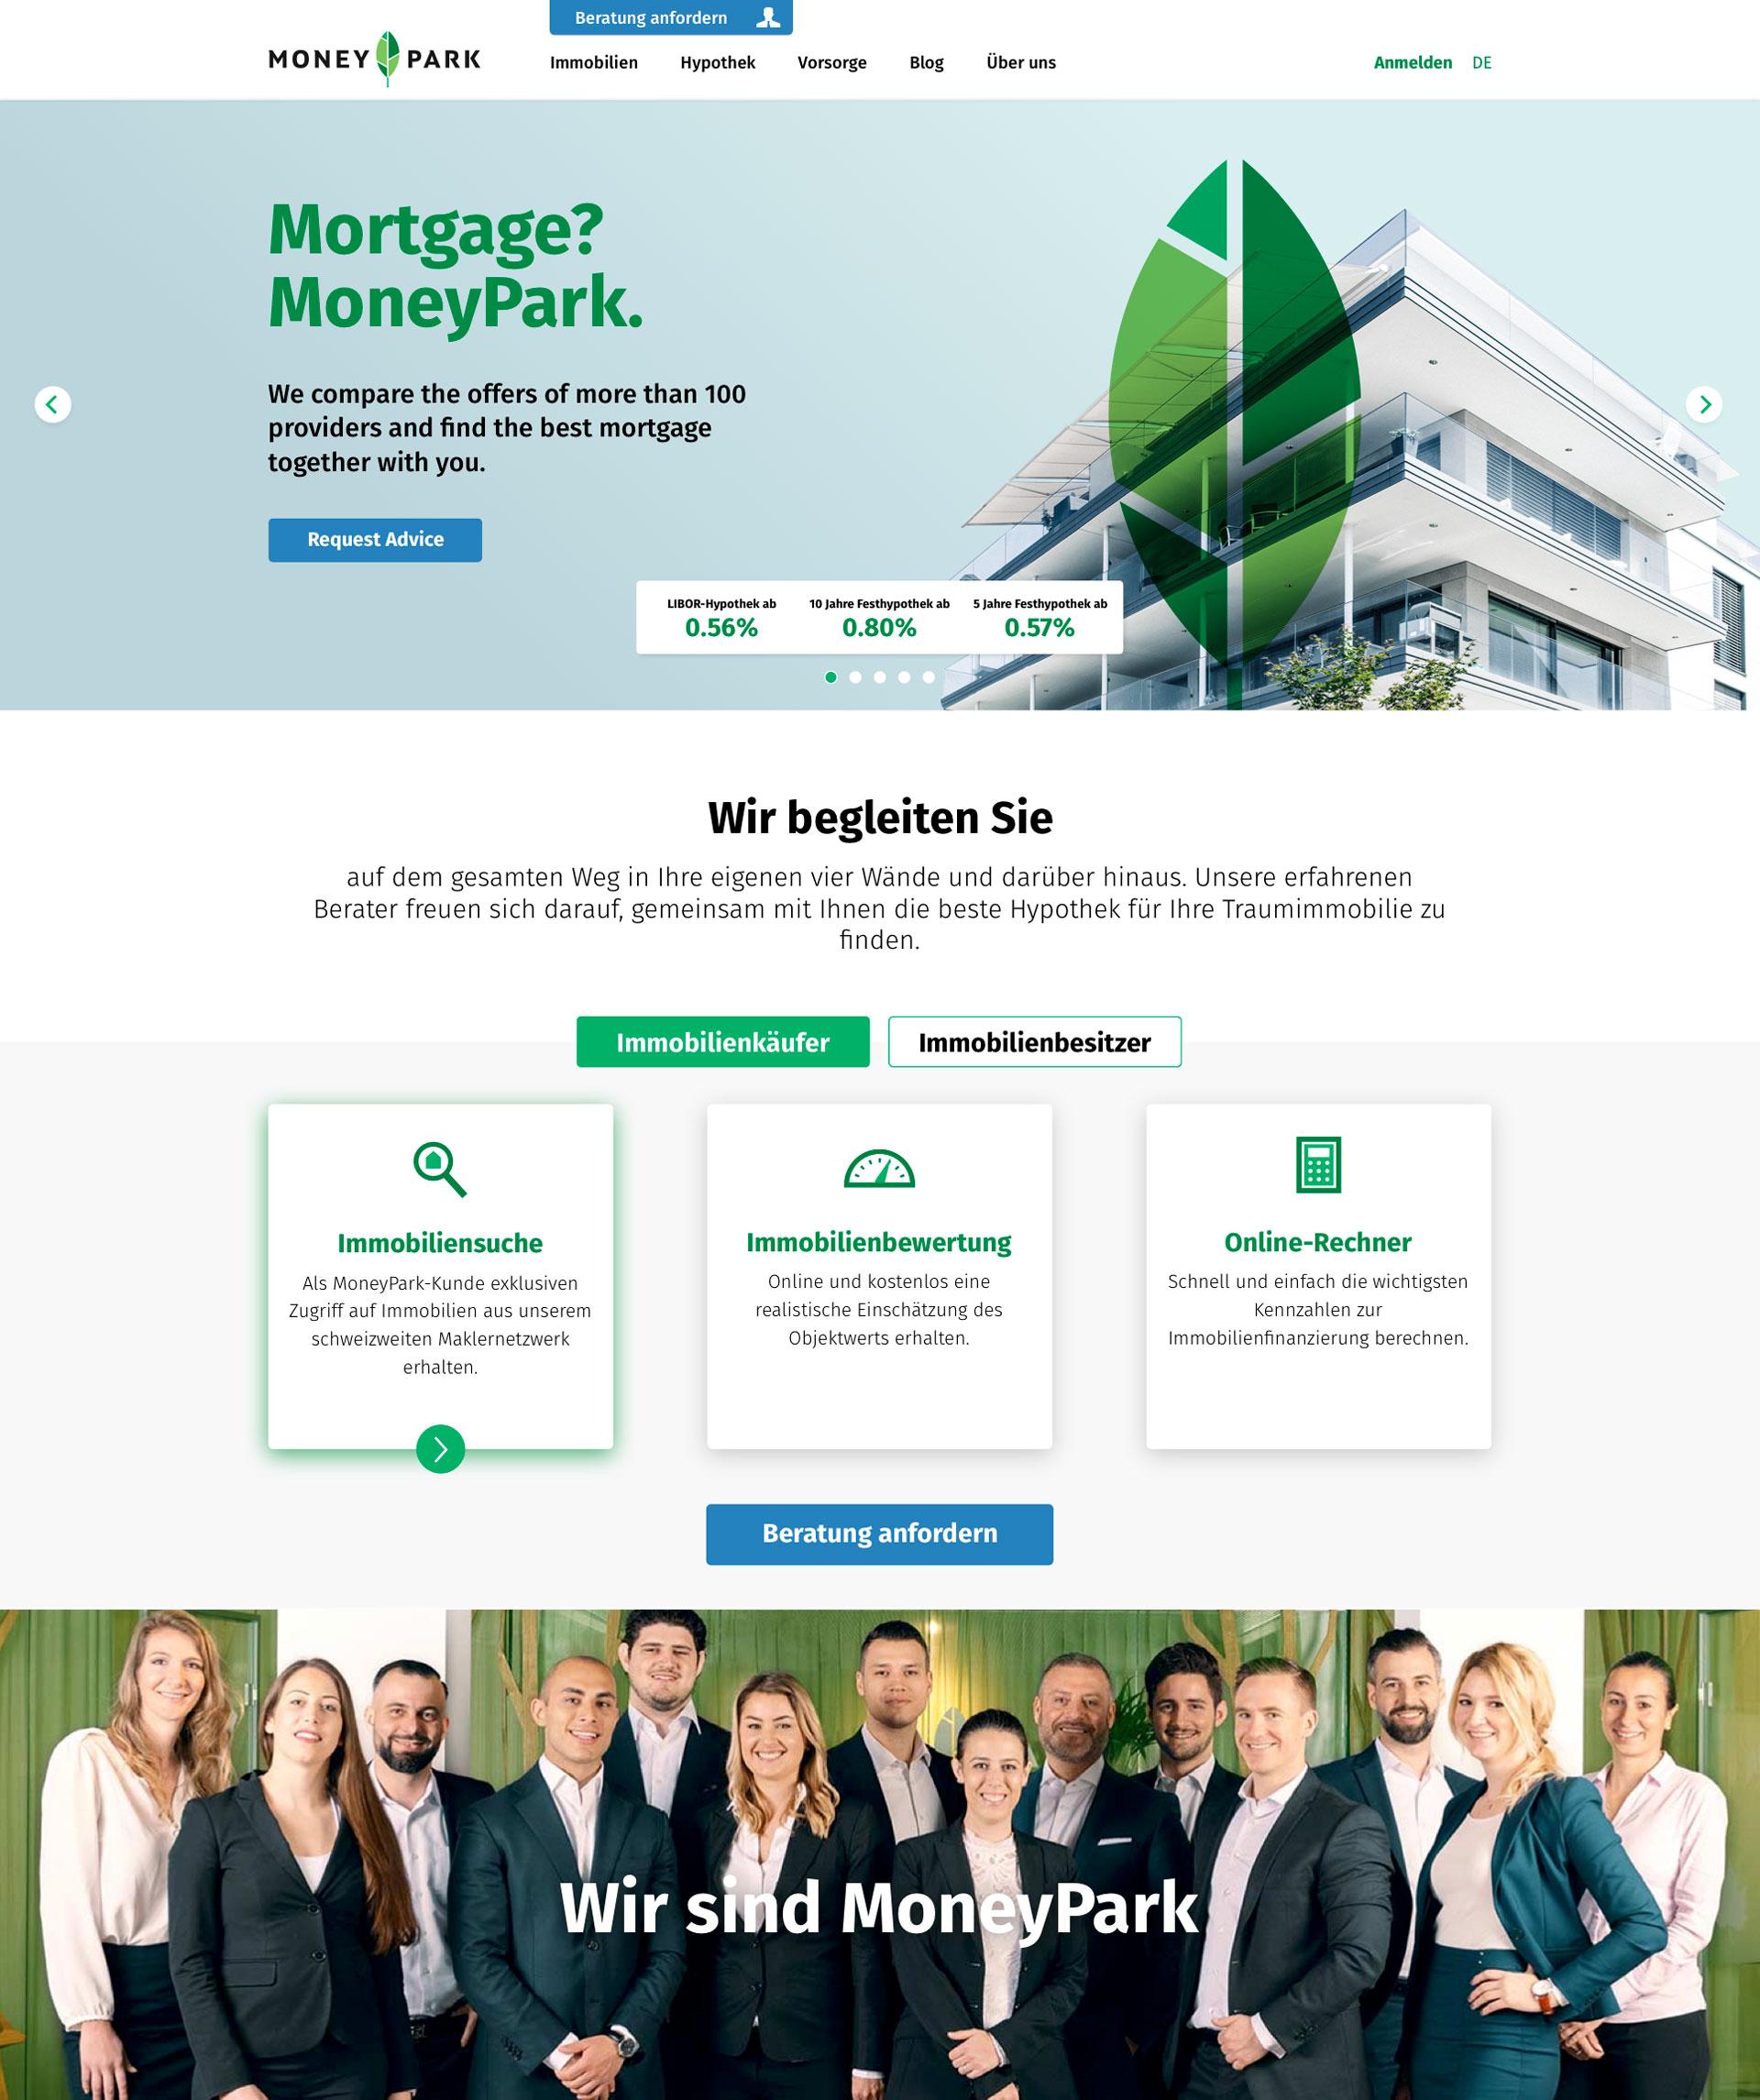 branding_redesign_homepage.jpg